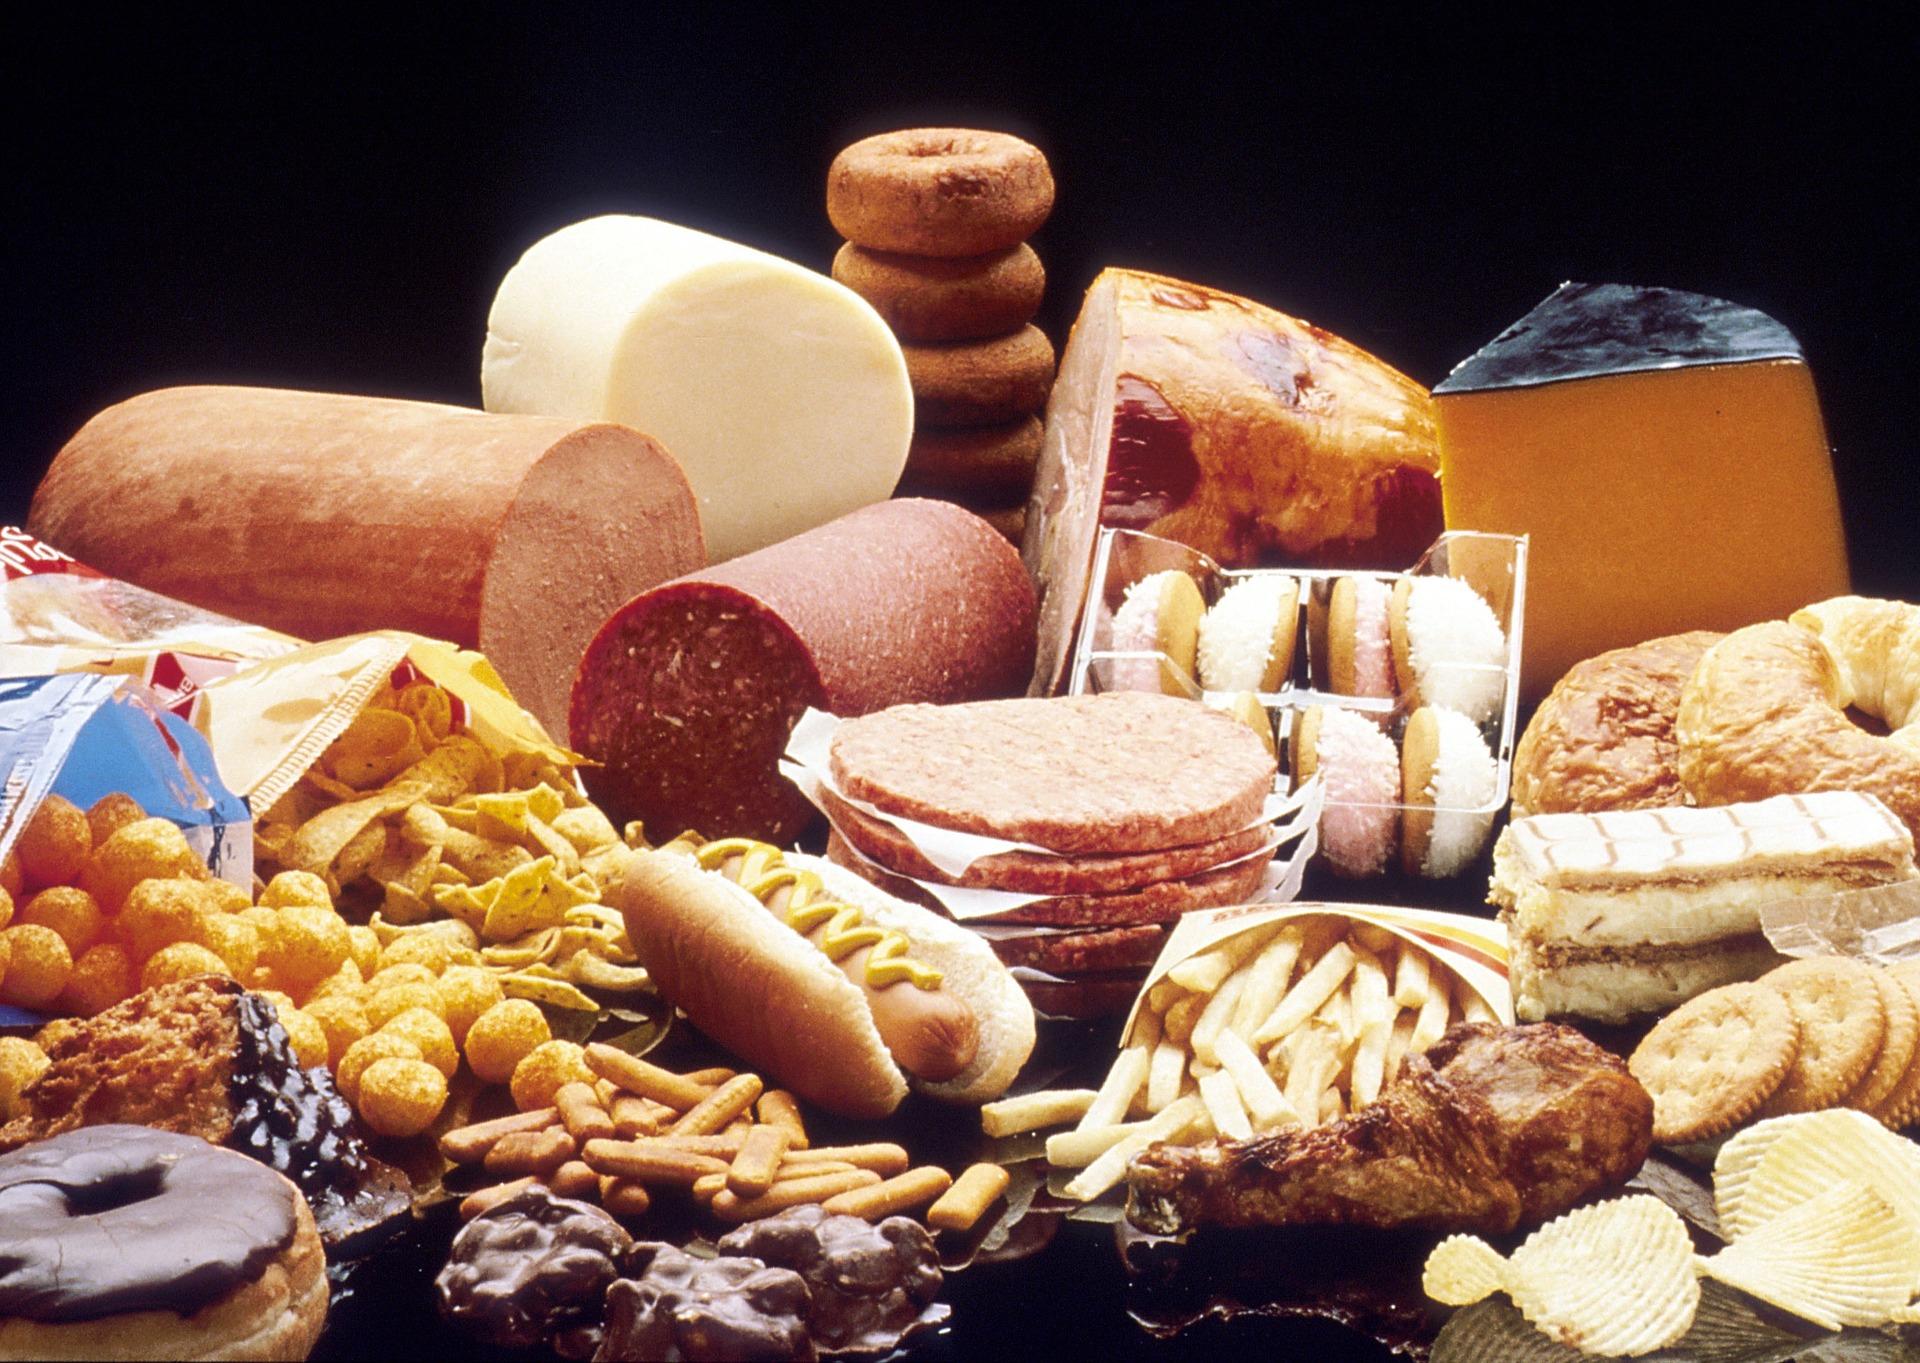 dieta proteica cibi da evitare